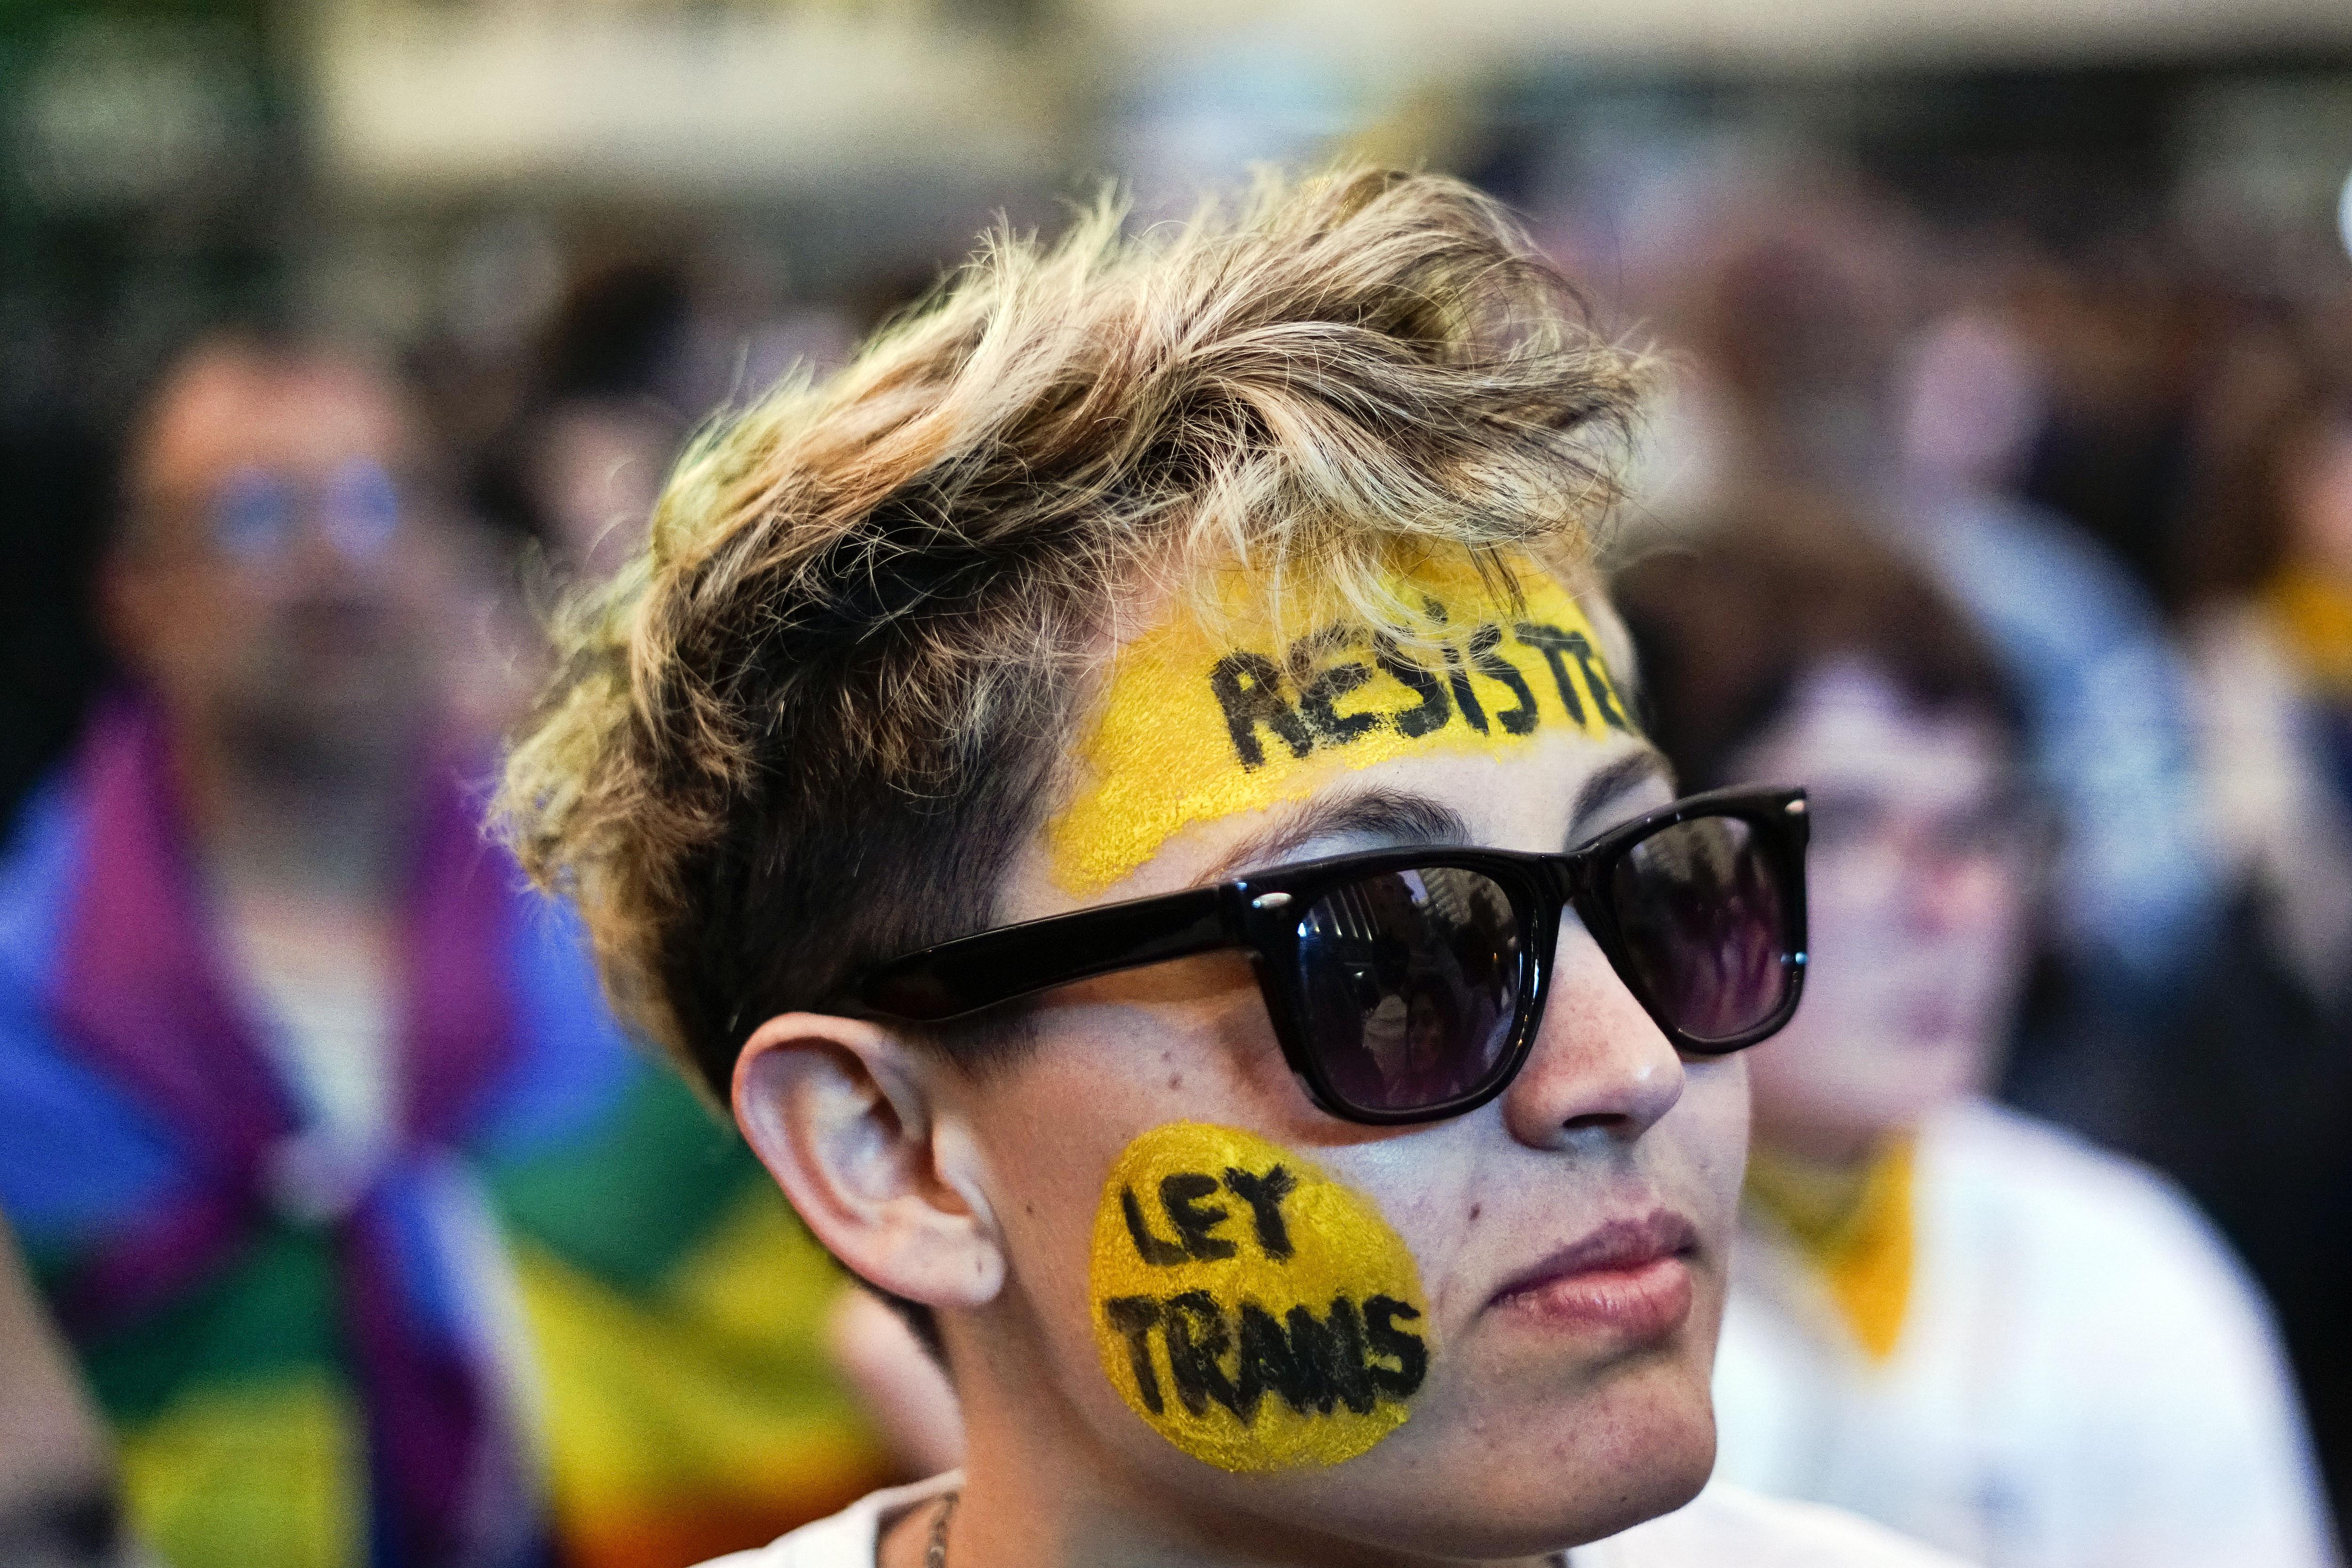 Marcha en Montevideo. (AP Photo/Matilde Campodonico)